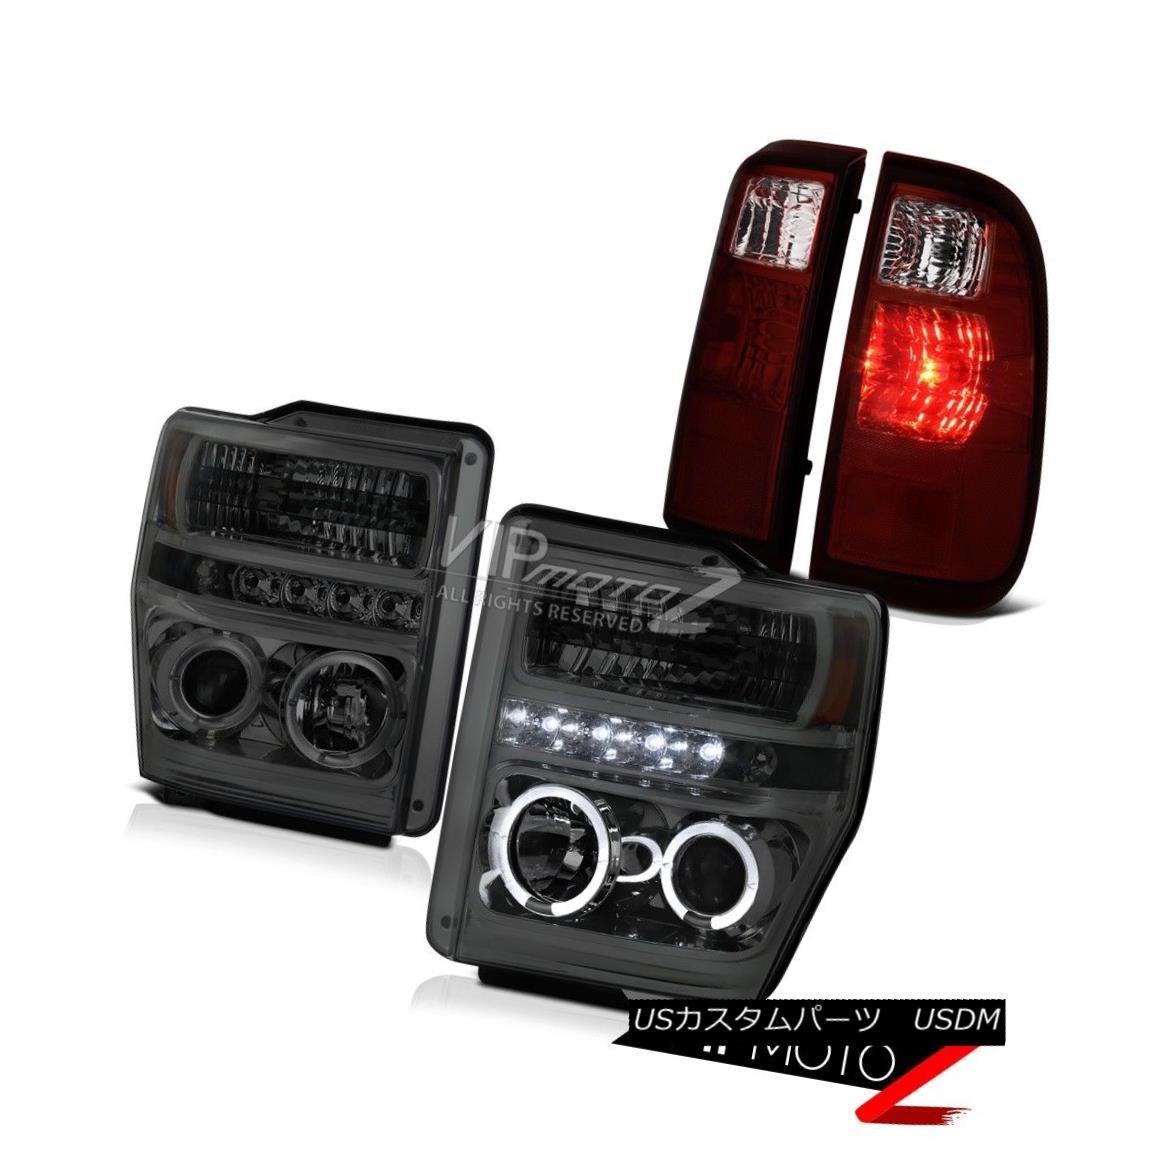 テールライト 08-10 F250 F350 F450 SMOKE Halo LED Headlights Cherry RED LED Tail Lights Lamps 08-10 F250 F350 F450 SMOKE Halo LEDヘッドライトチェリーRED LEDテールライトランプ